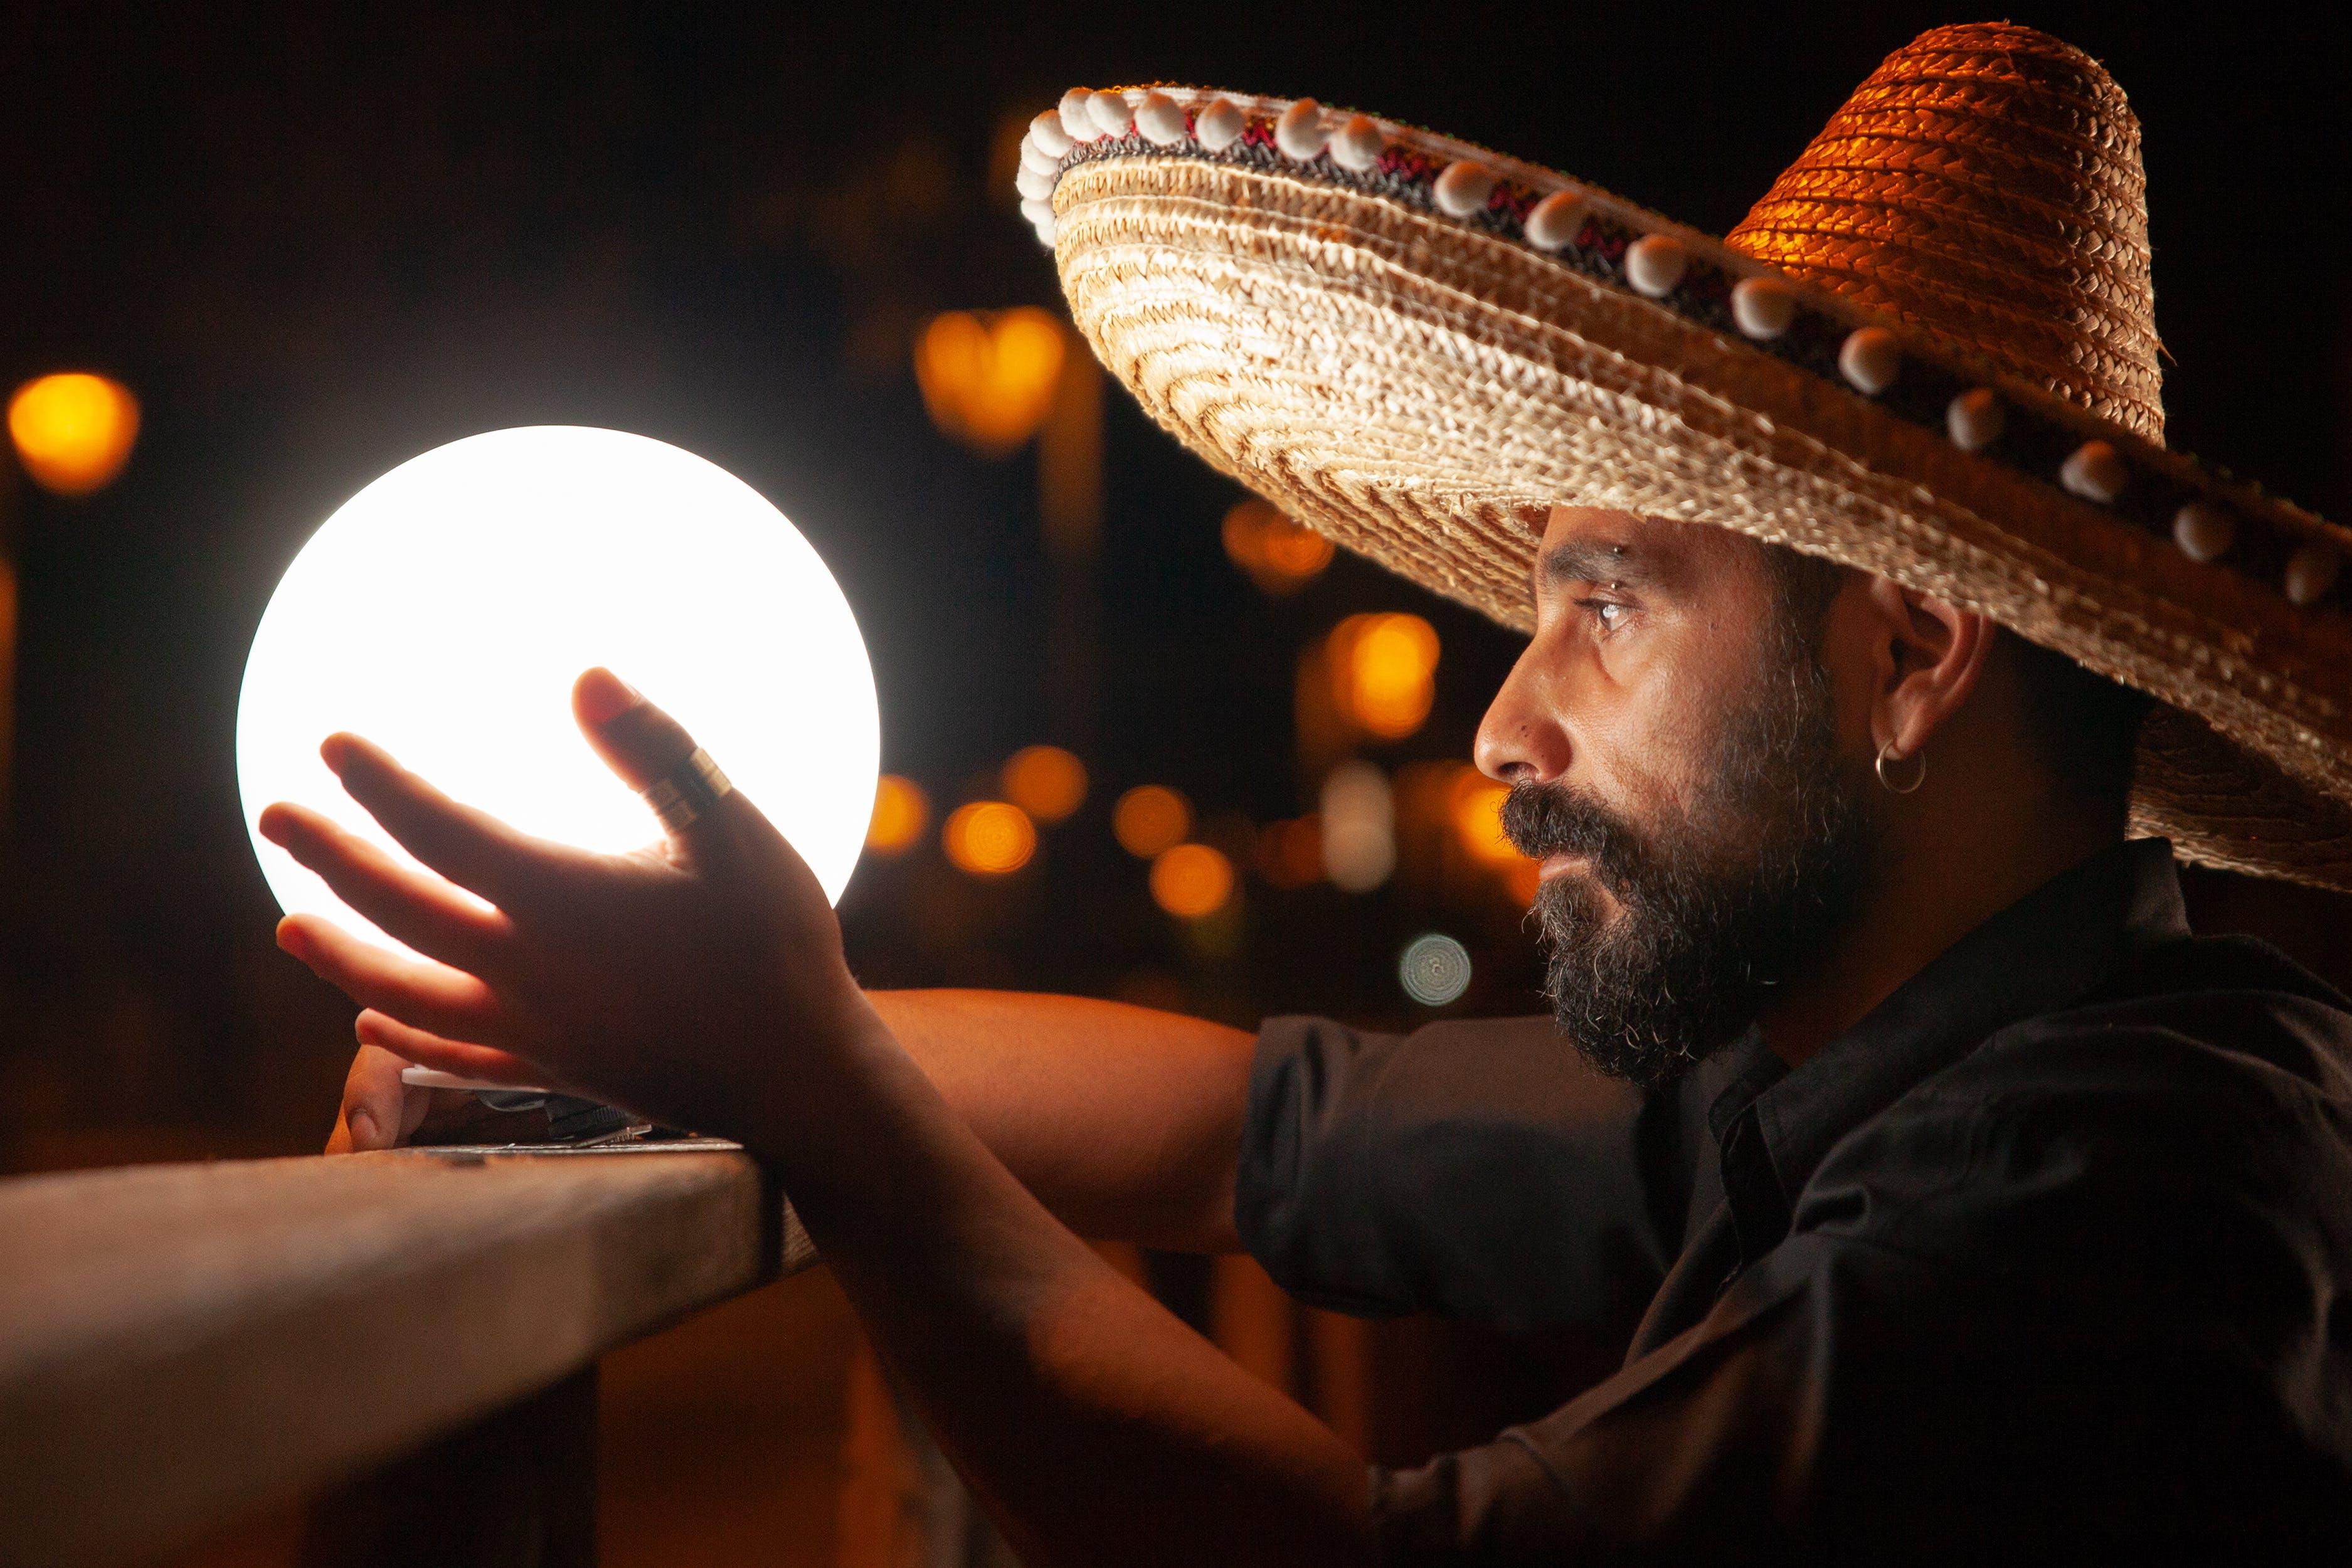 Man Holding White Light